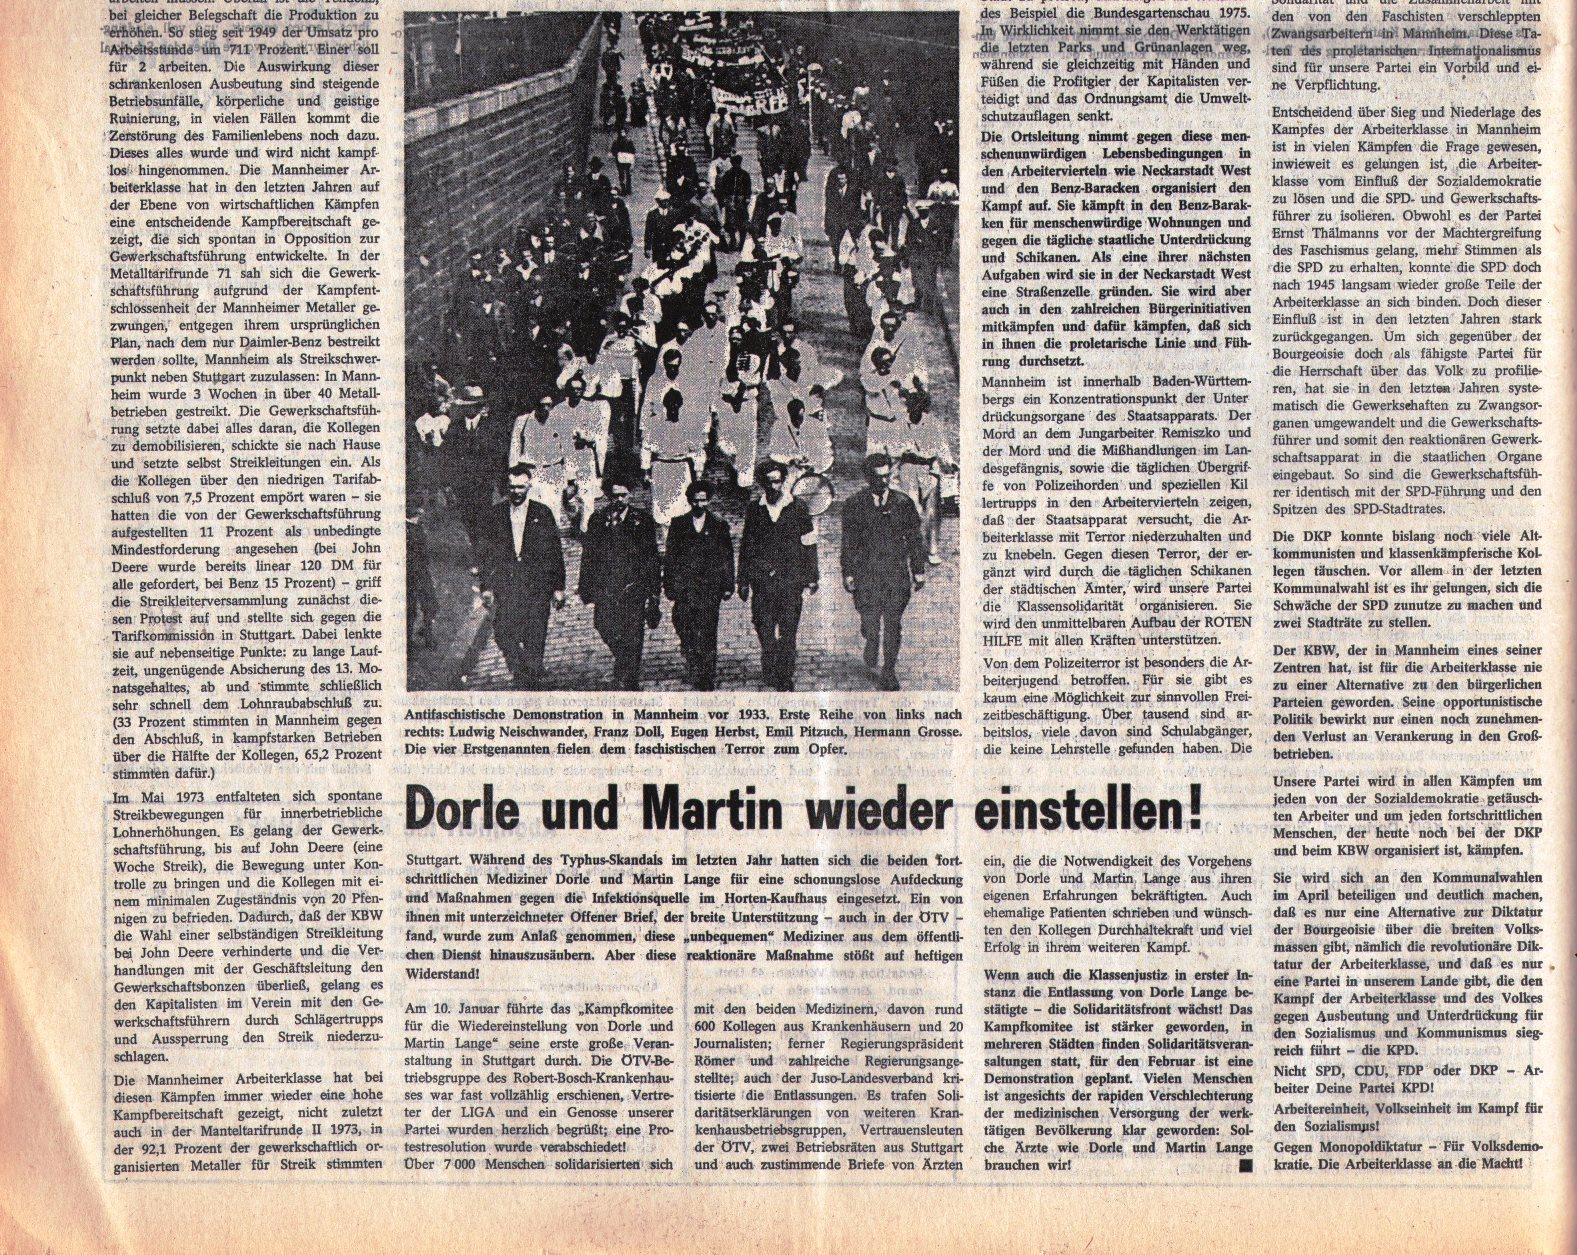 KPD_Rote_Fahne_1975_04_20